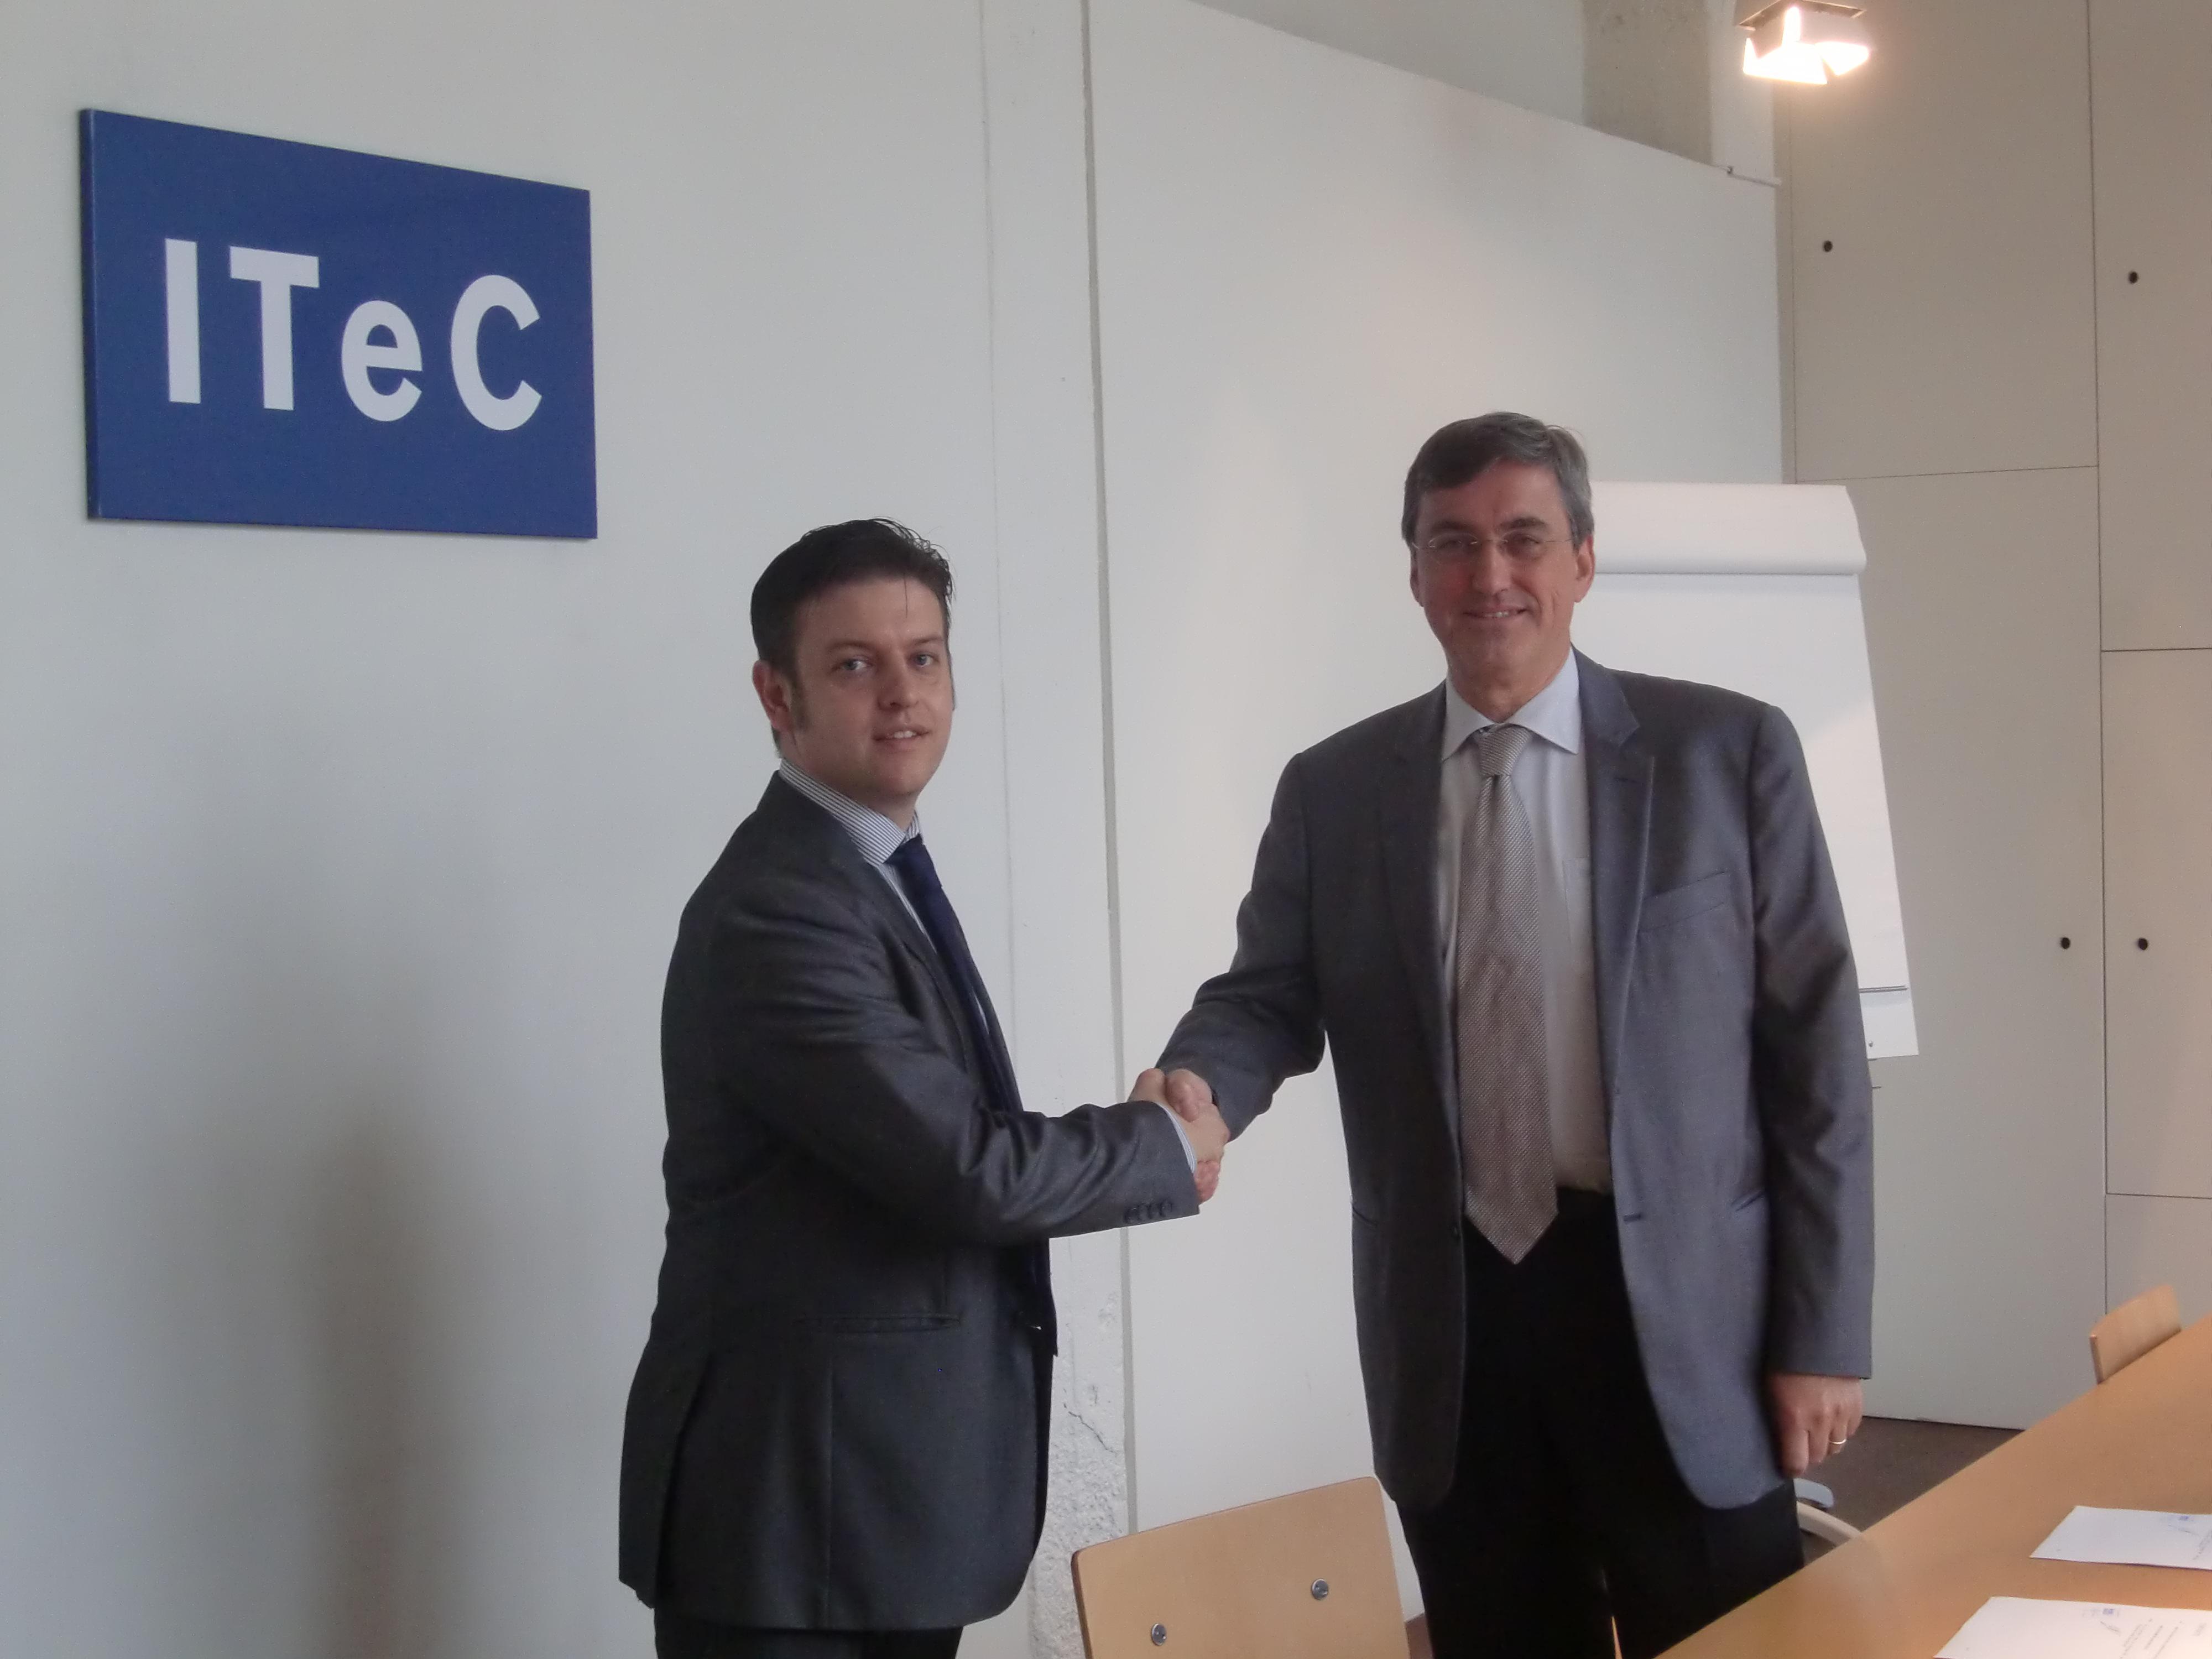 Acuerdo entre Bimetica y ITeC